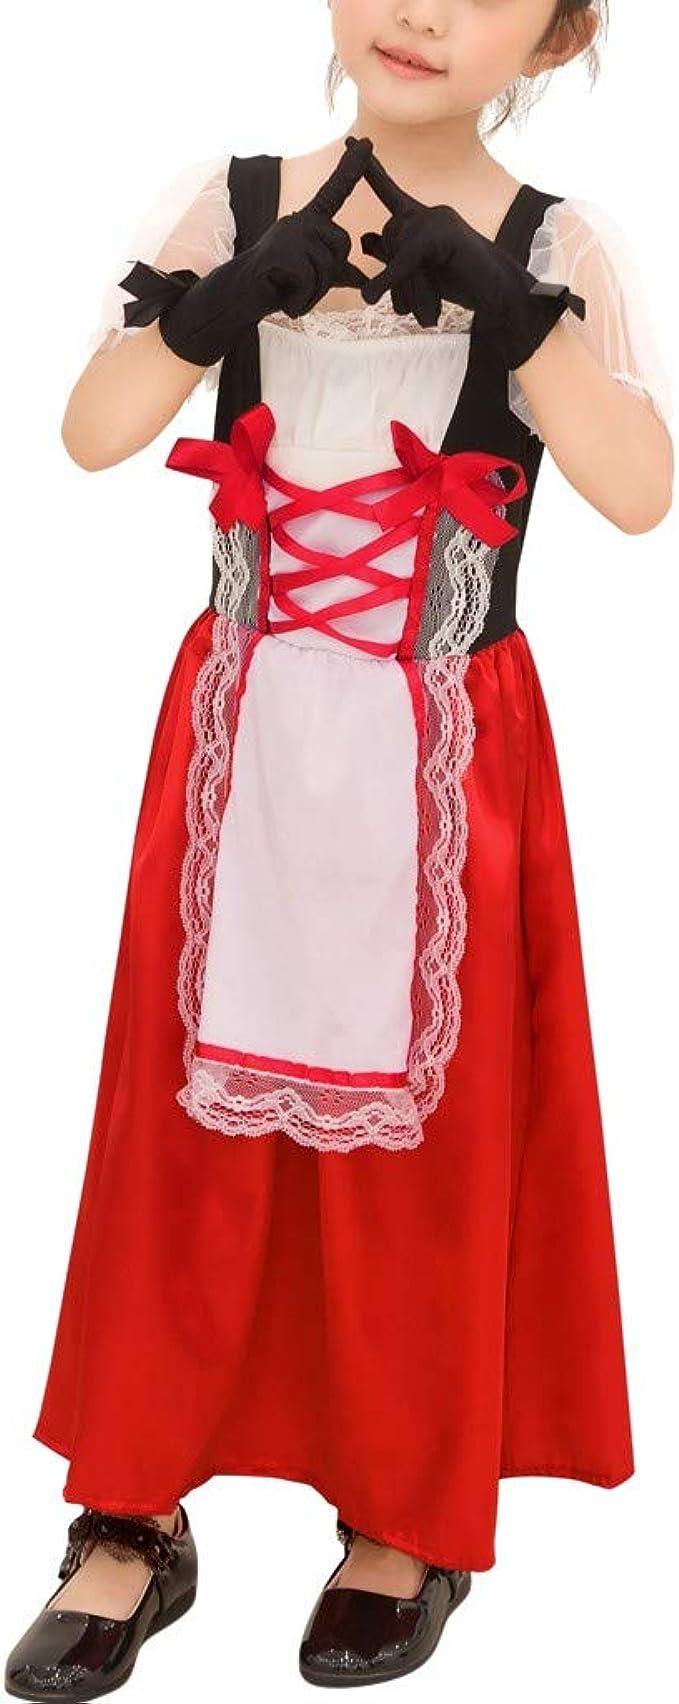 K-Youth Disfraz de Caperucita Roja de Halloween para Niñas ...